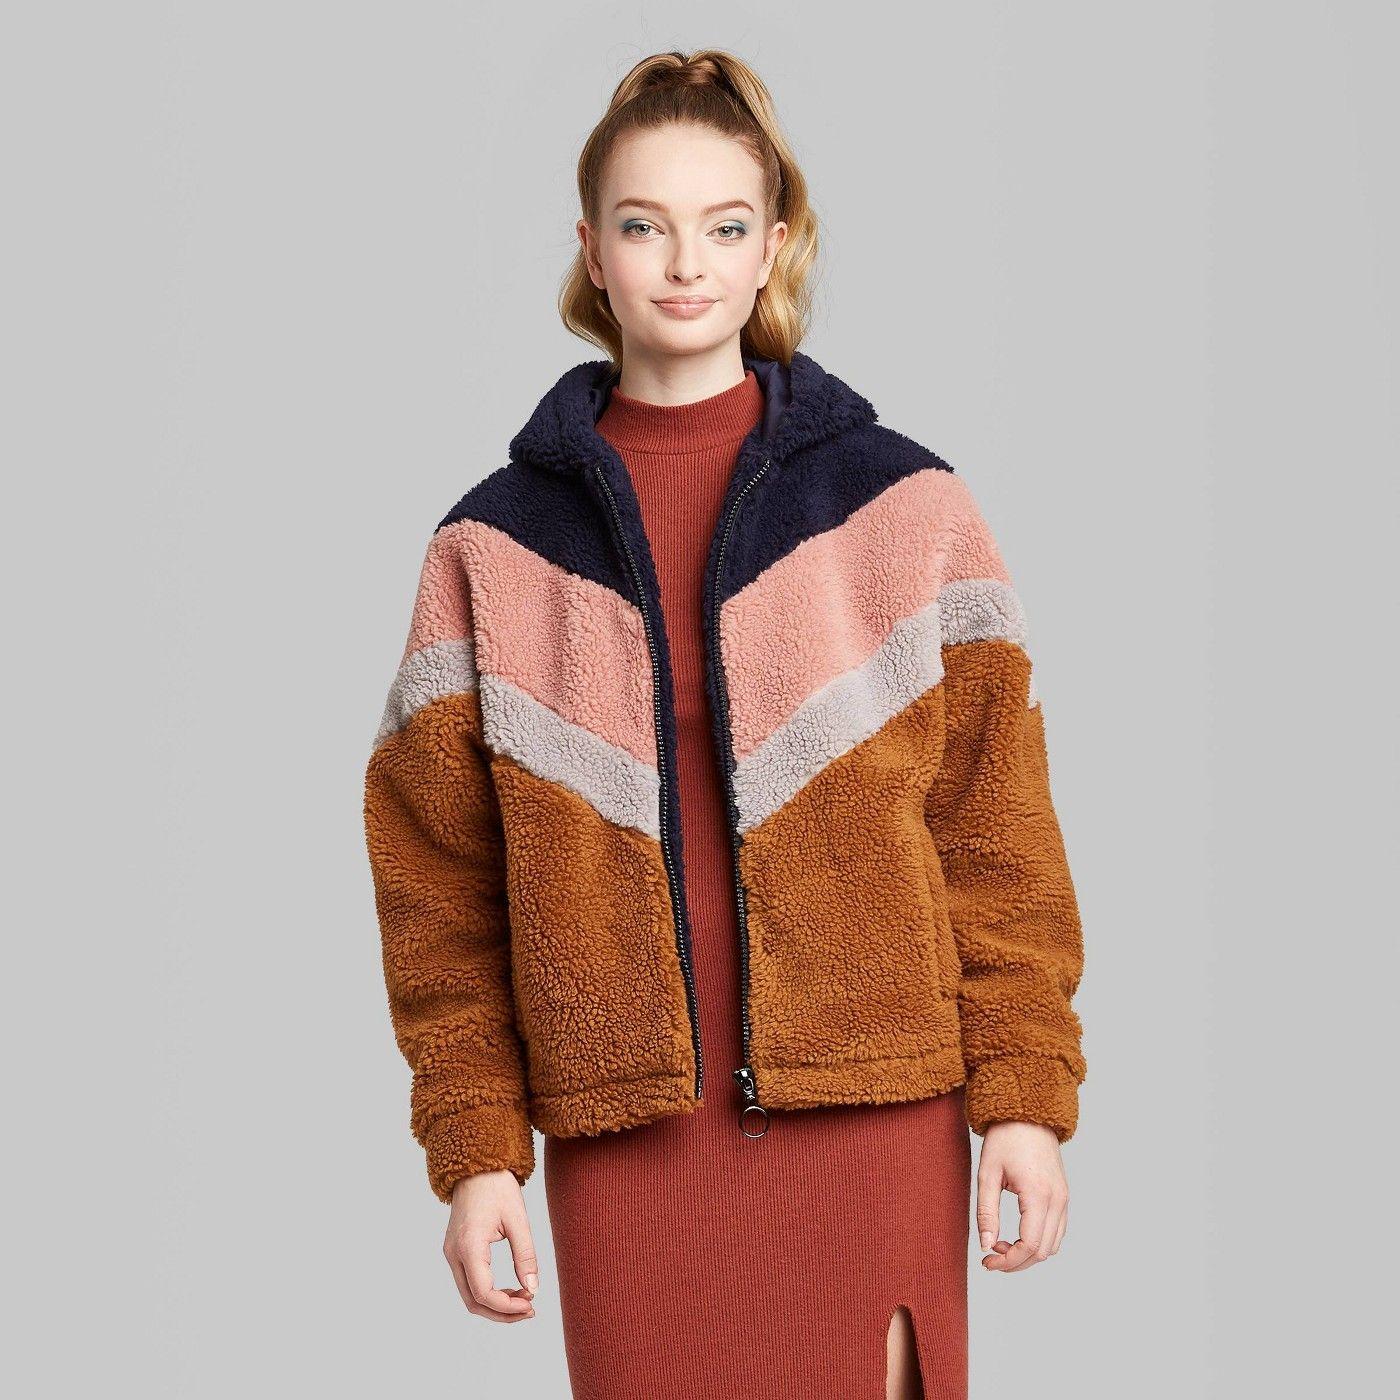 Women's Long Sleeve ZipUp Colorblocked Hooded Sherpa